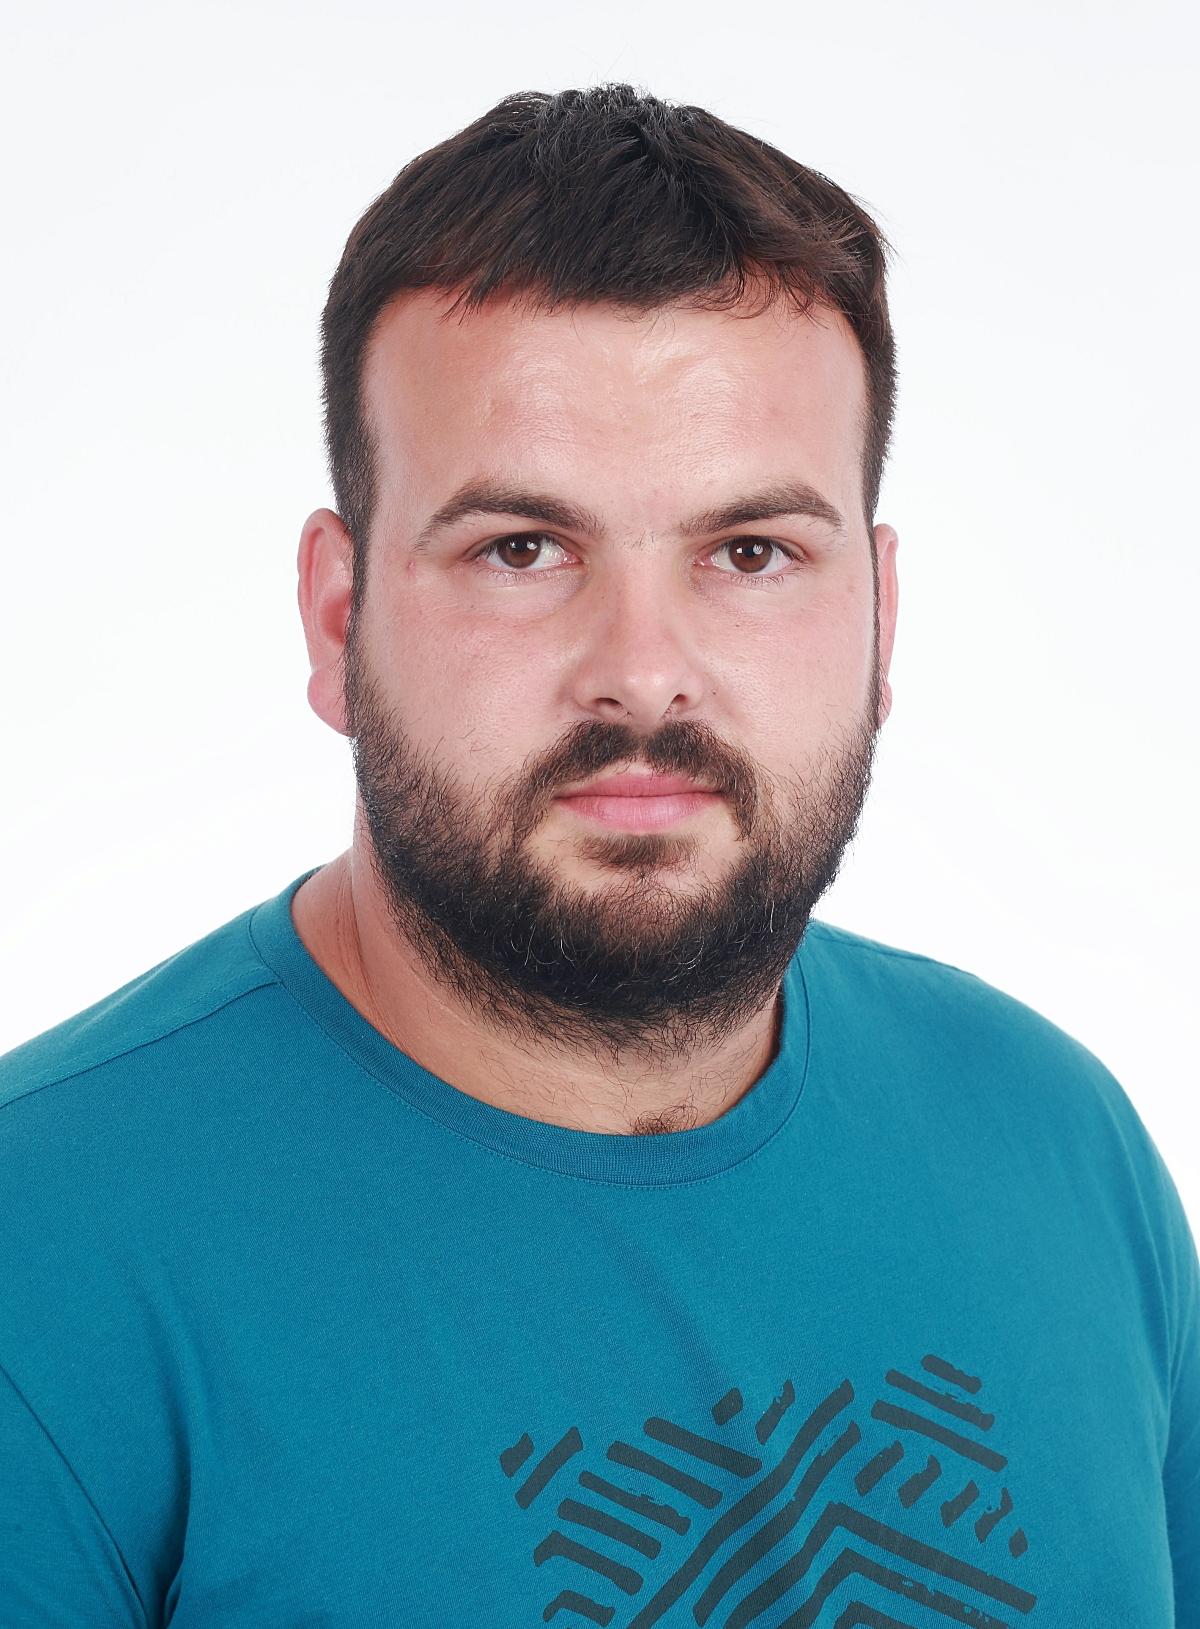 Sergi Miquel Andreu